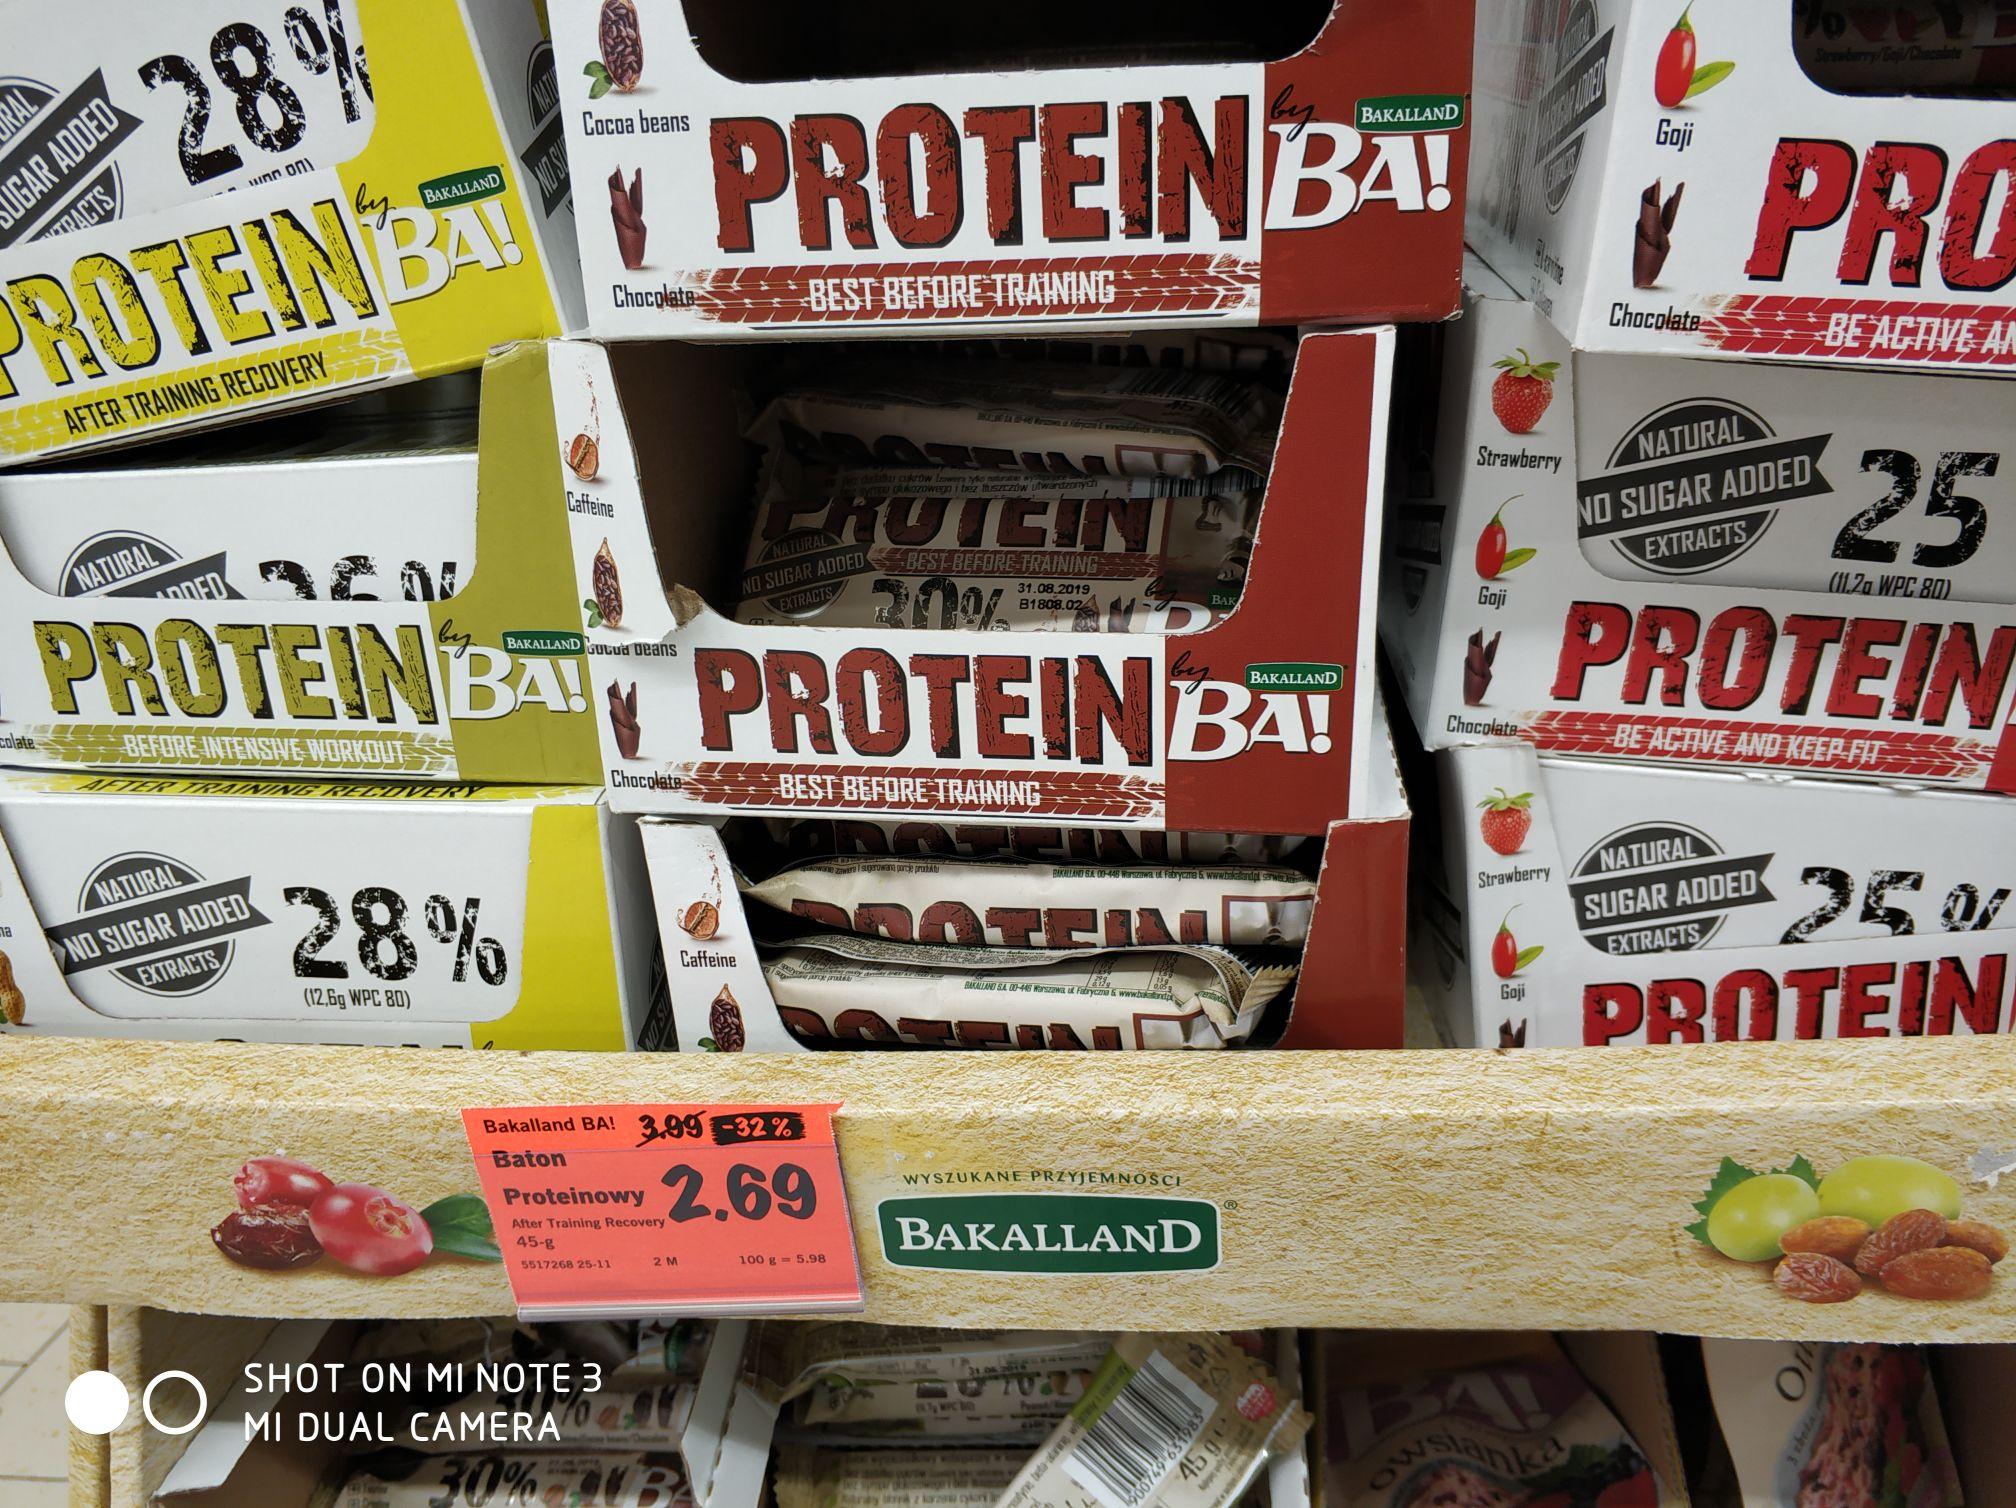 Batony proteinowe Bakalland by Mauricz - LIDL